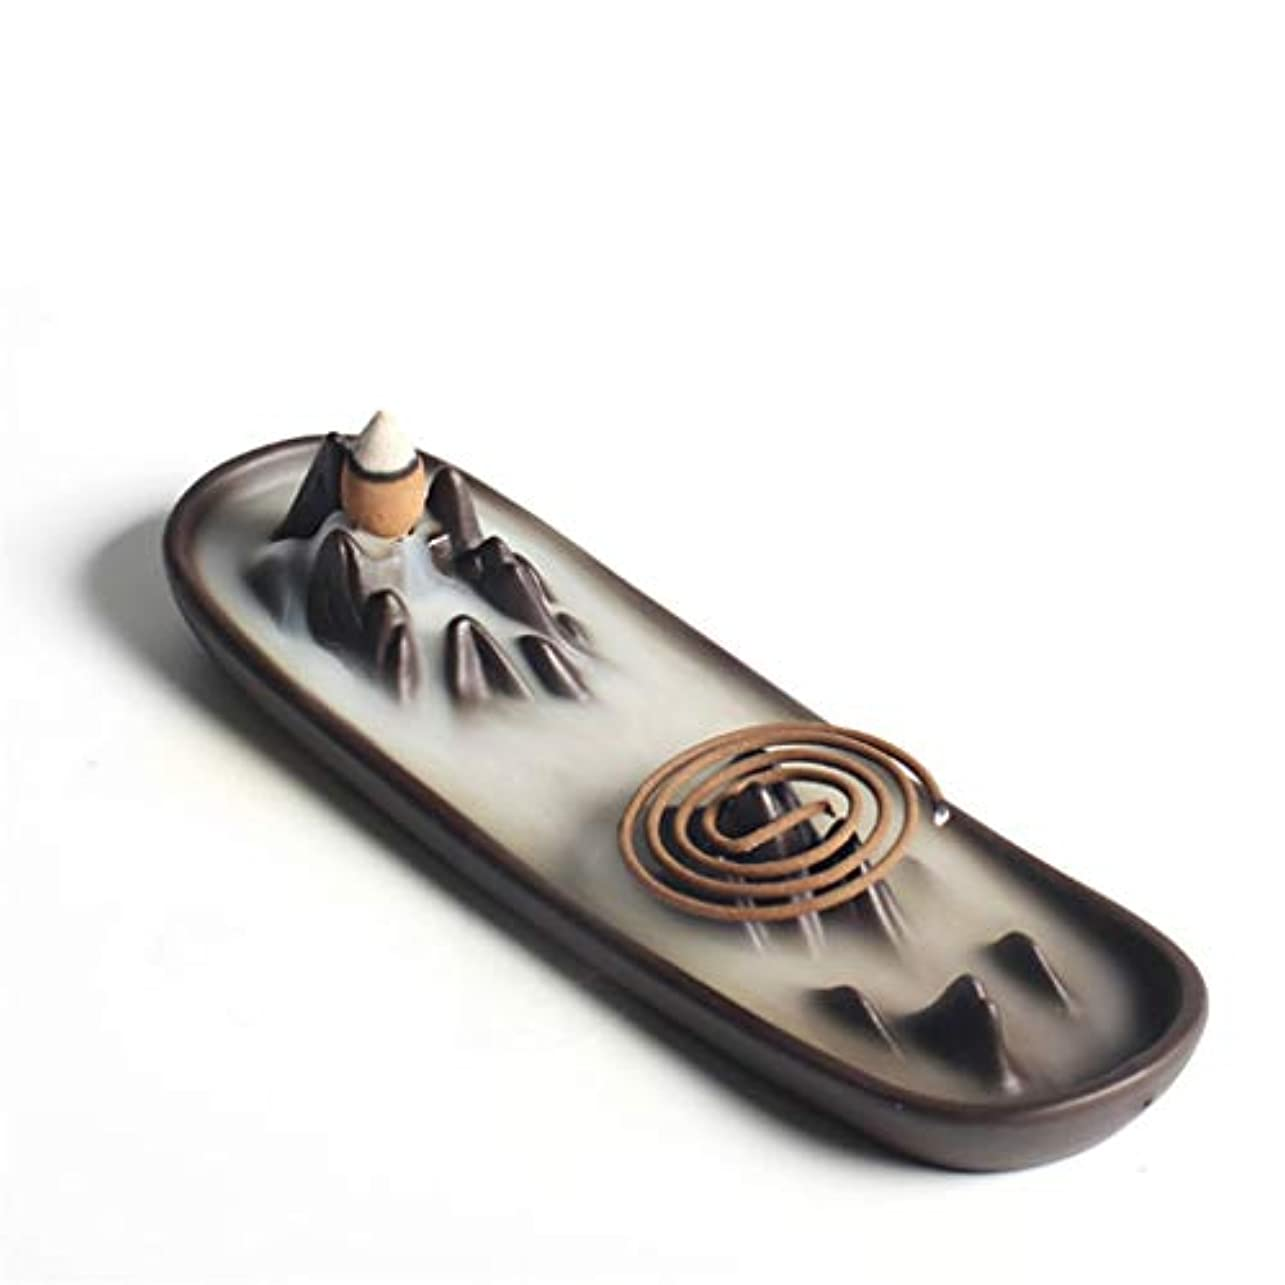 土砂降り社会科効率的芳香器?アロマバーナー 逆流香バーナー家の装飾セラミックアロマセラピー仏教の滝香炉香コイルスティックホルダー 芳香器?アロマバーナー (Color : A)